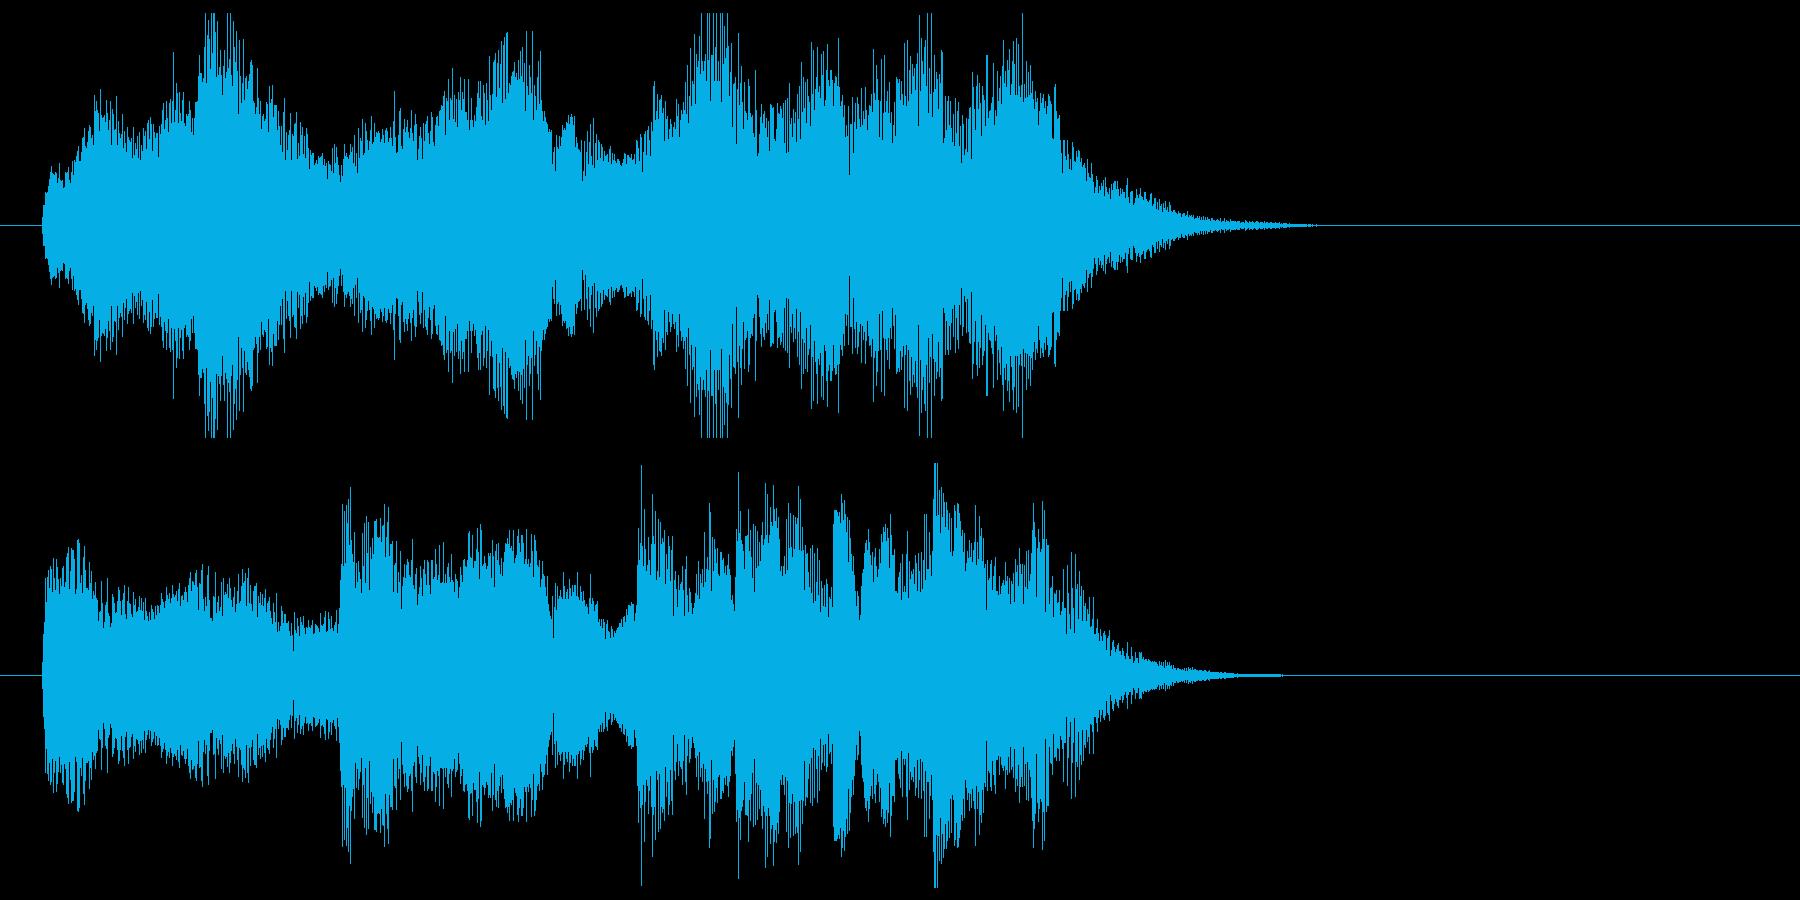 ストリングスワルツのジングルの再生済みの波形